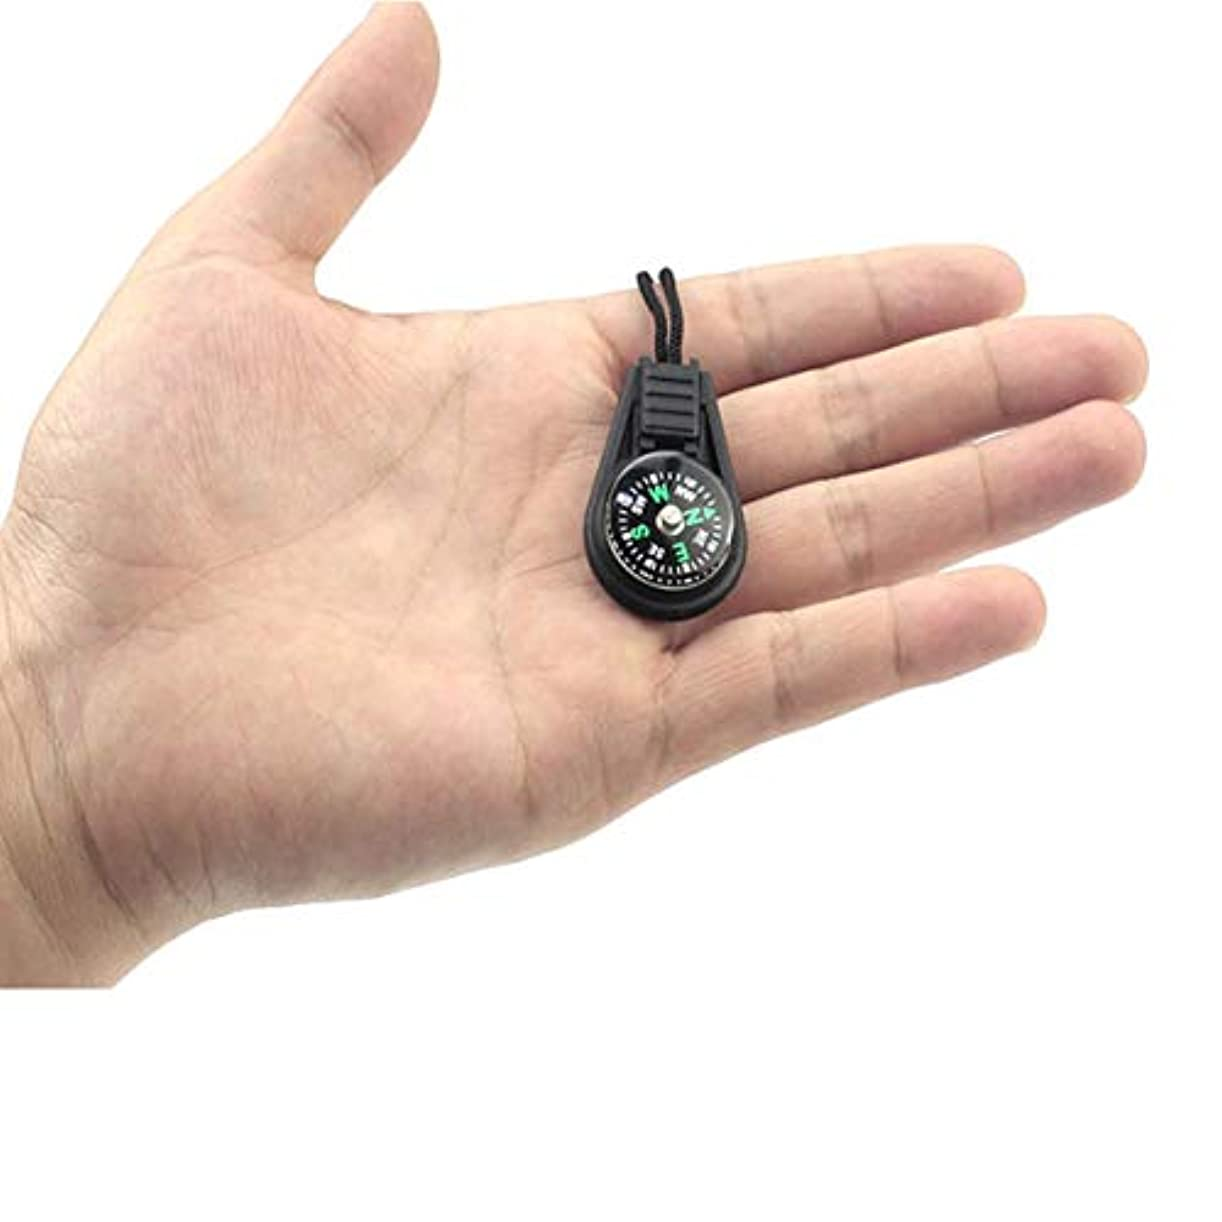 シャーロットブロンテ分離する株式ロープペンダント付き小型コンパスミニコンパスコンパス-ブラック